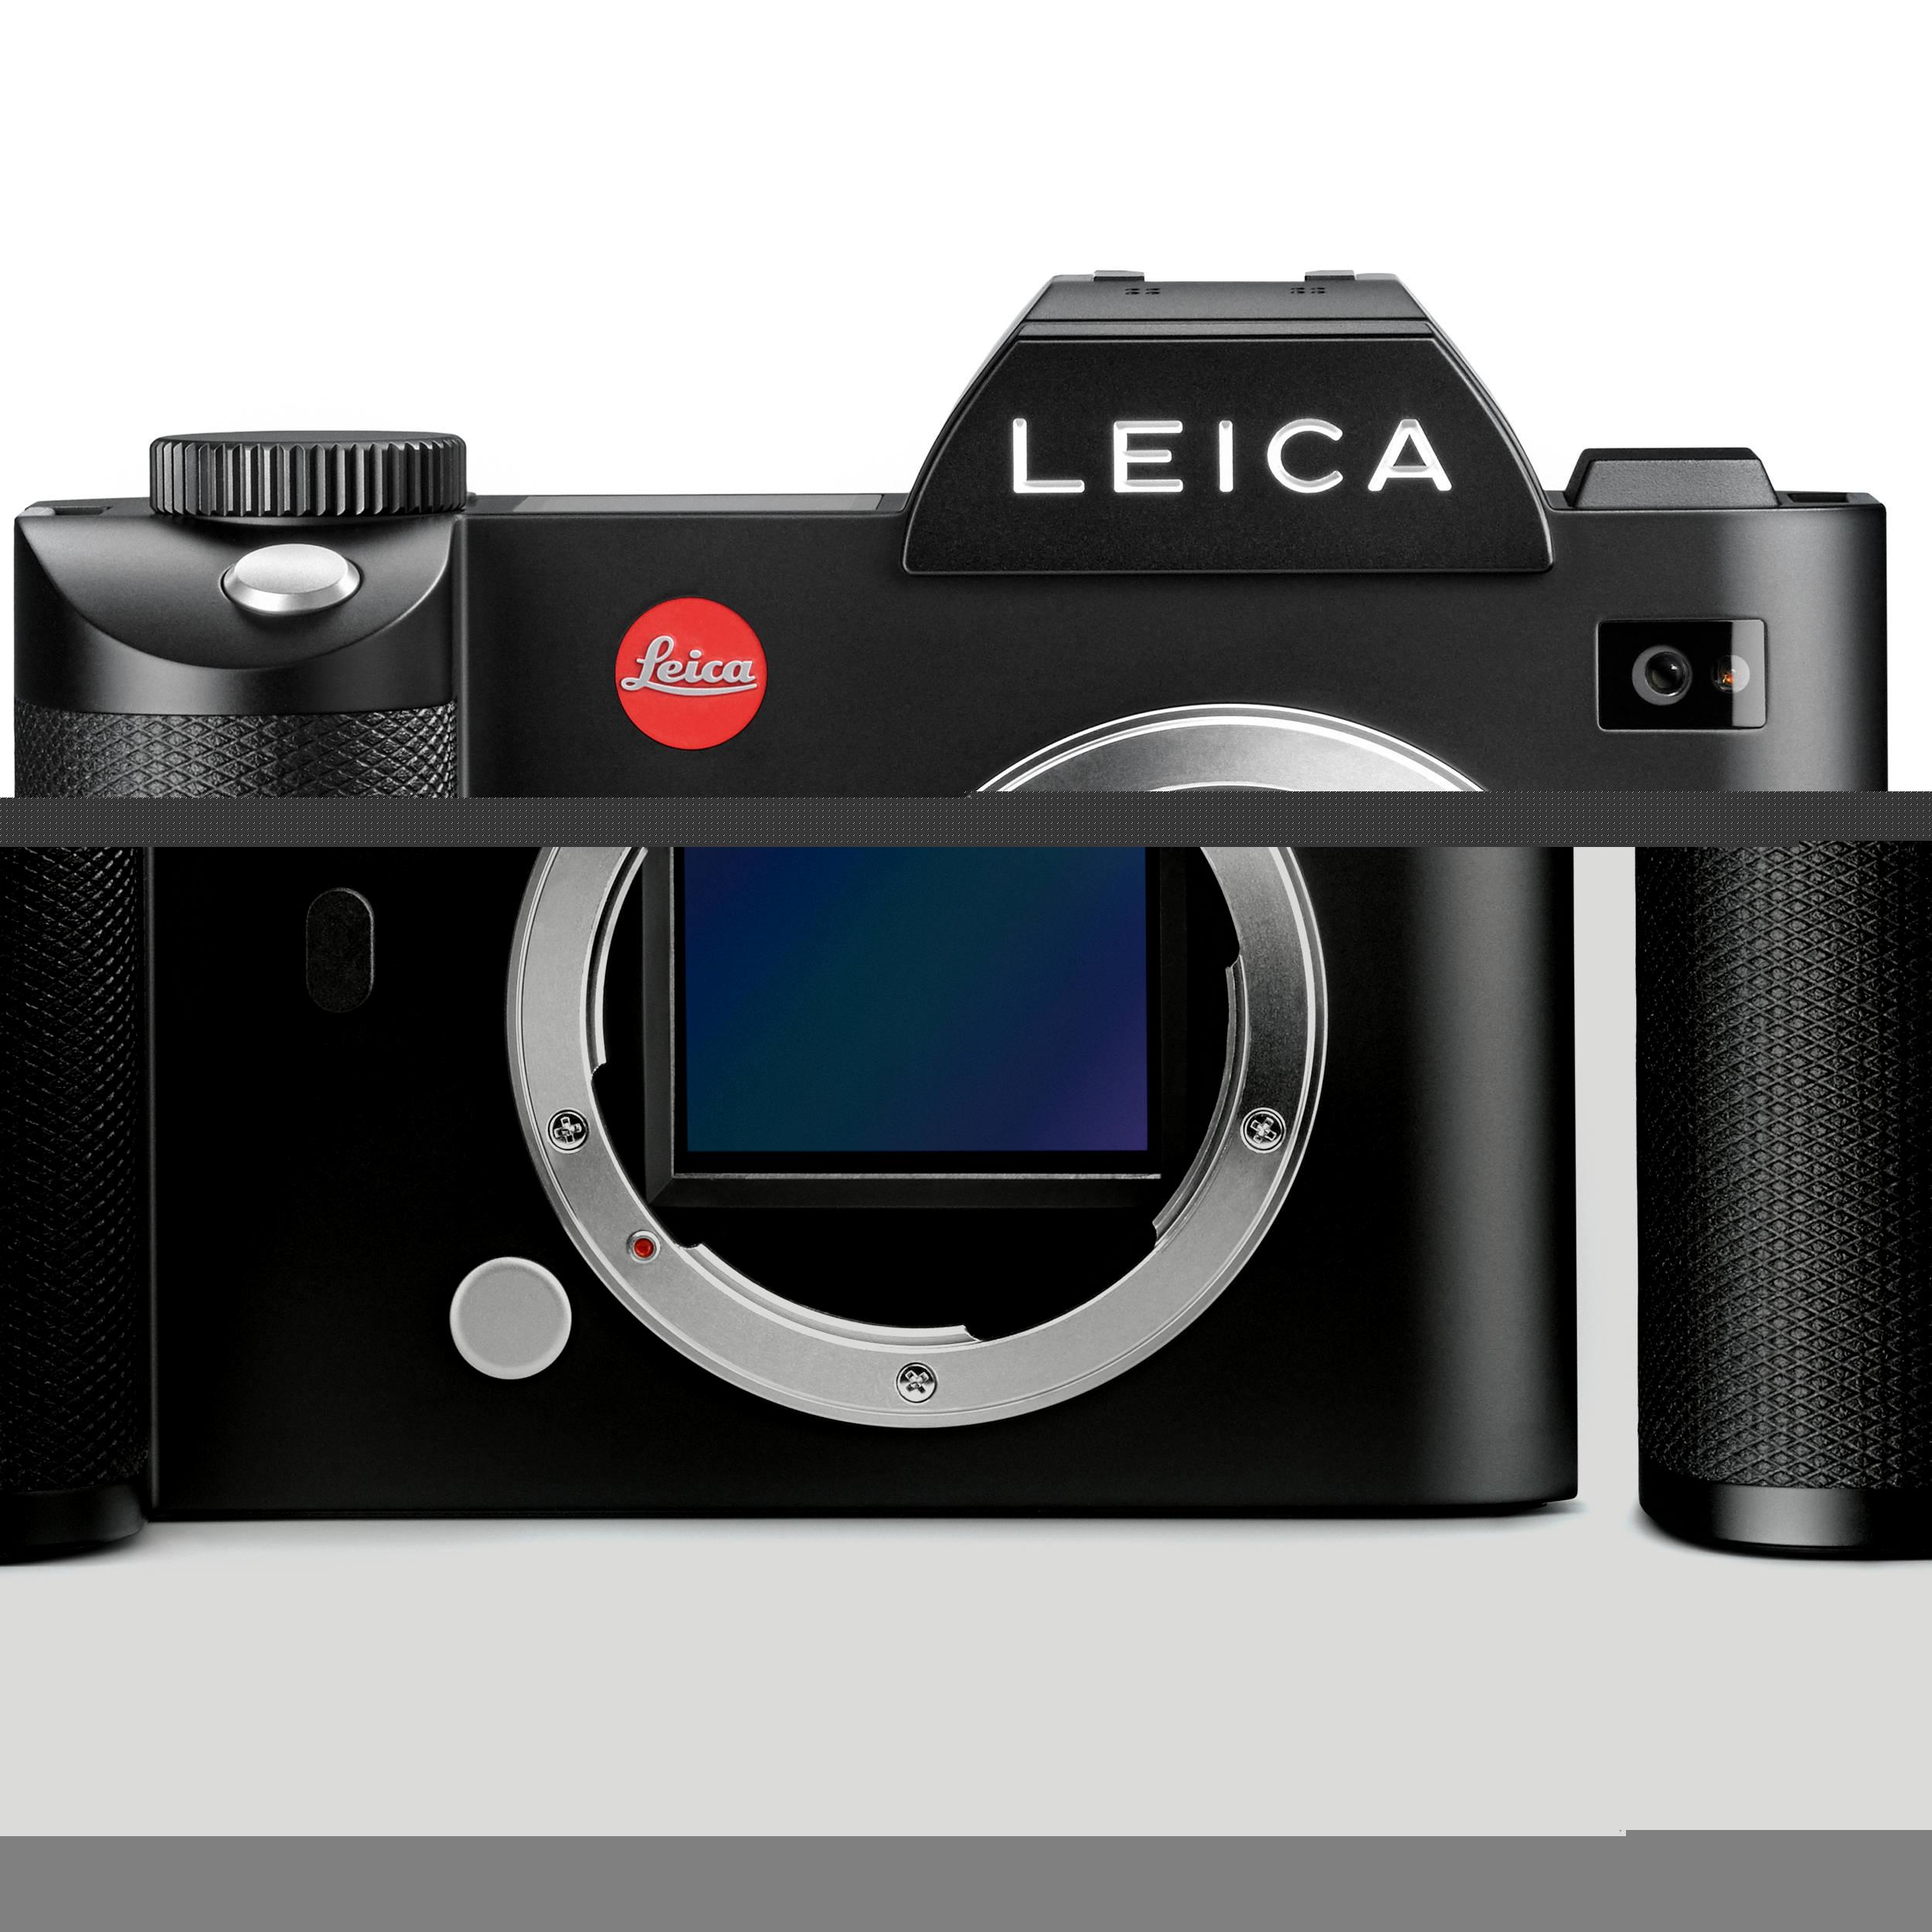 Leica-SL-Review Leica SL Review News and Reviews